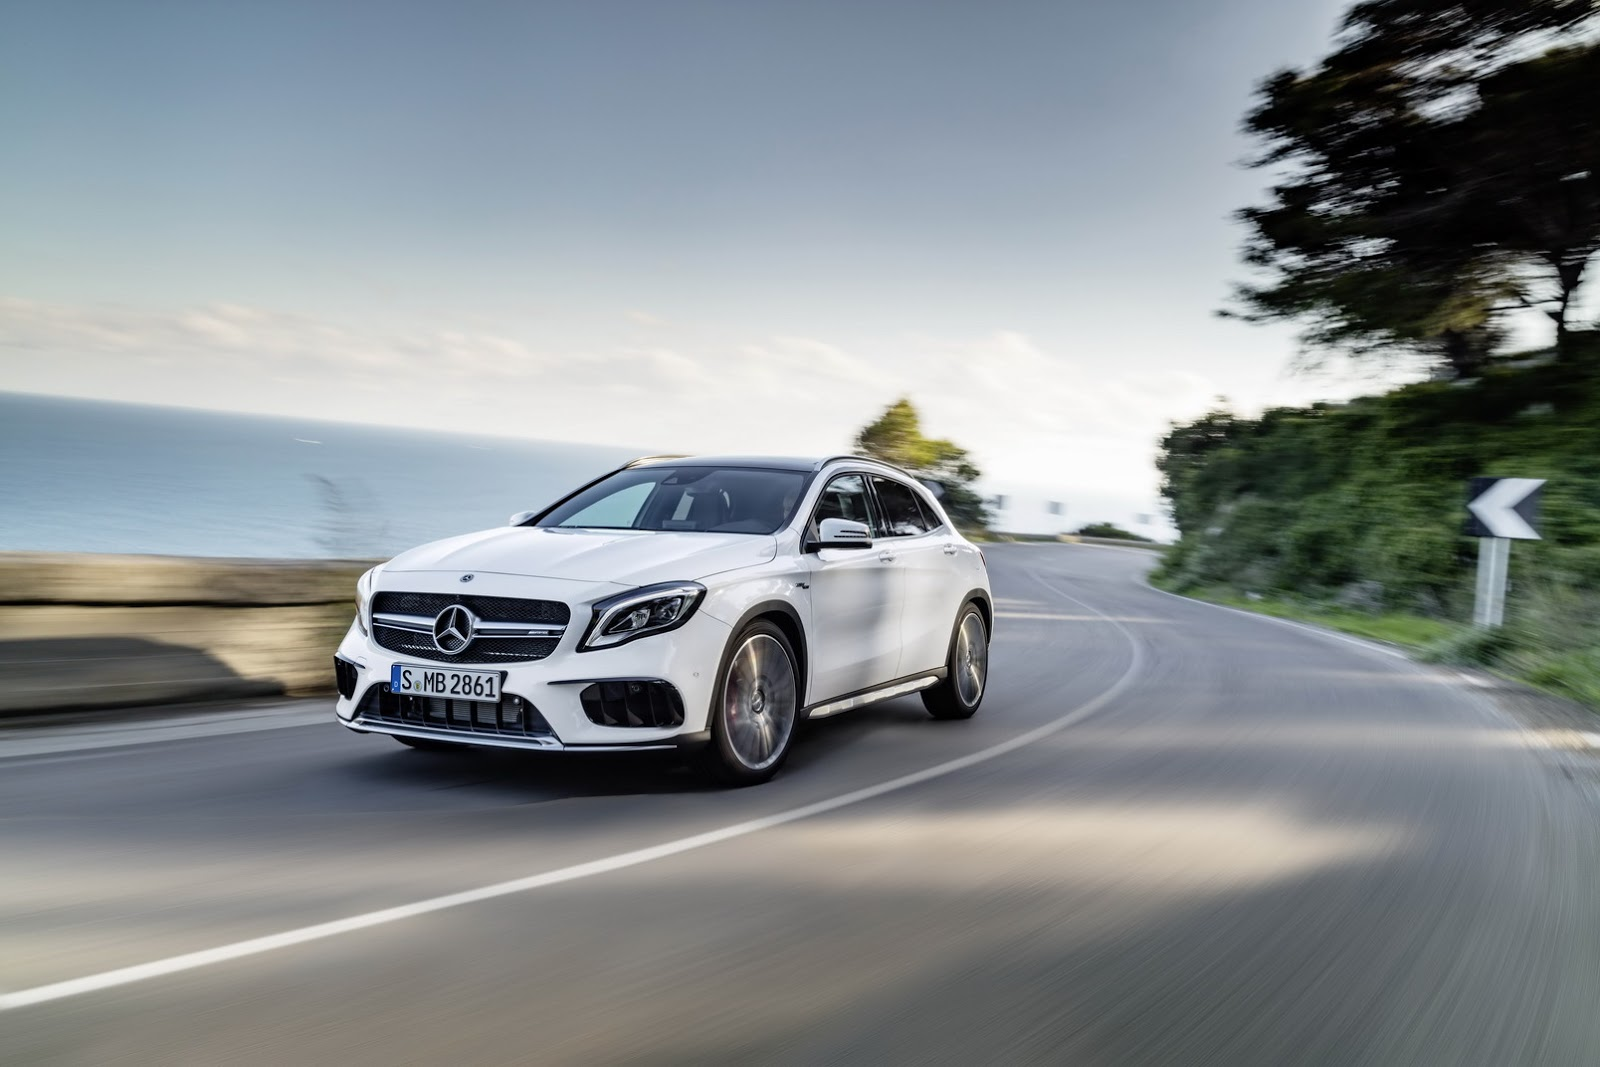 Mercedes GLA facelift and GLA 45 AMG facelift 2017 (7)